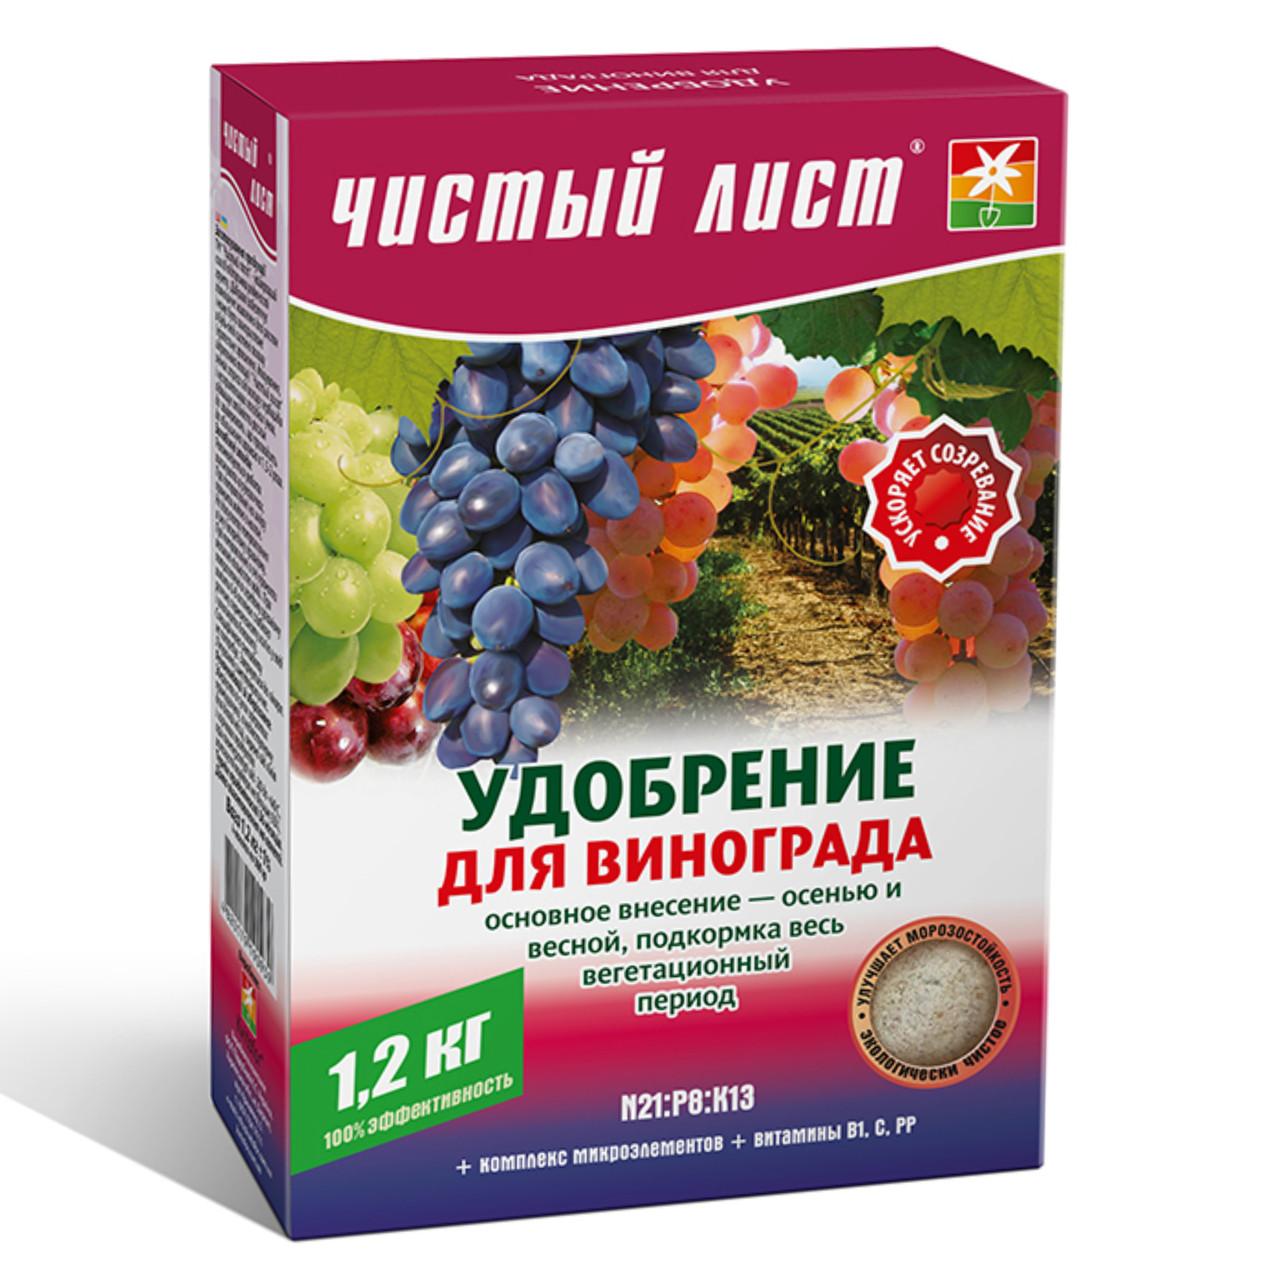 Удобрение Чистый лист для винограда 1.2 кг